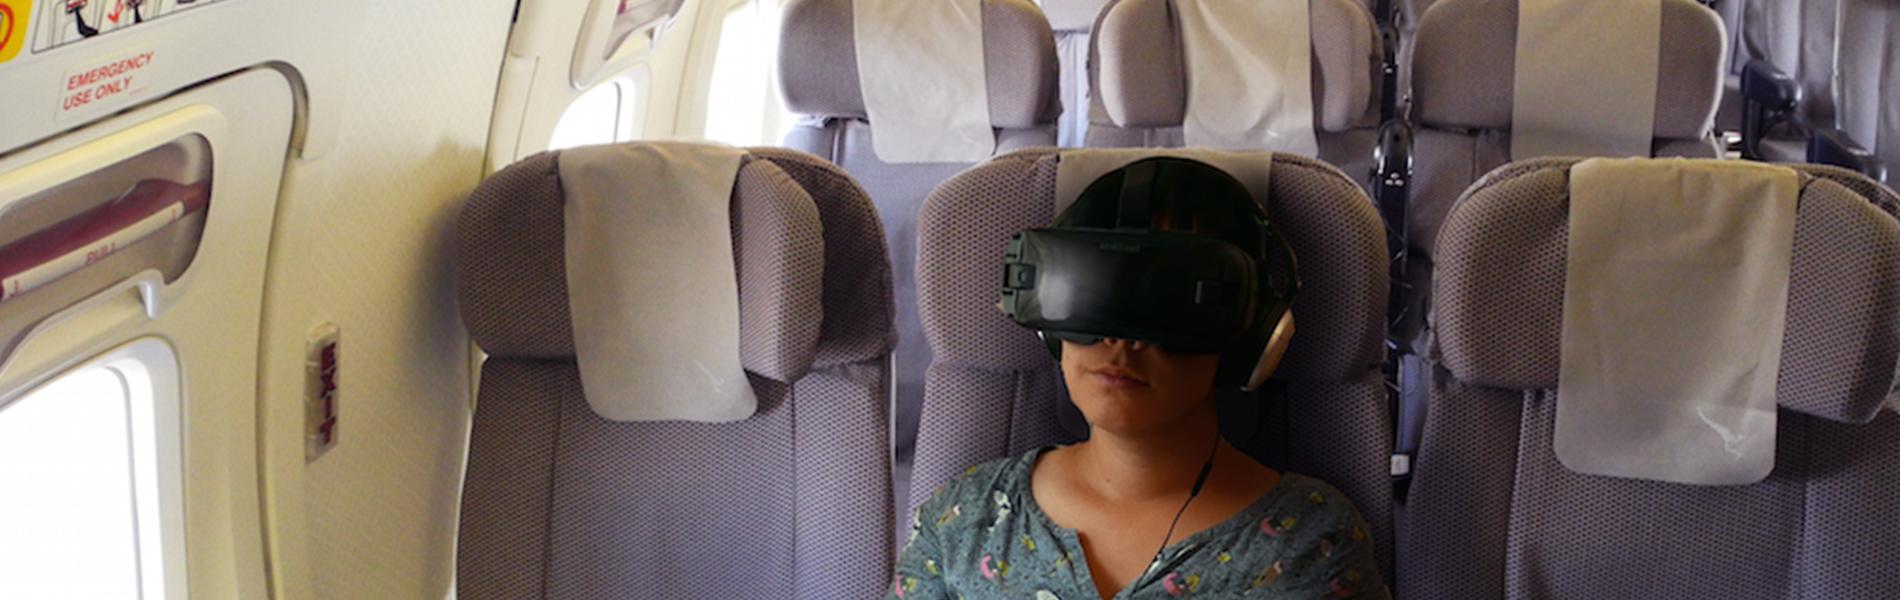 In-flight XR